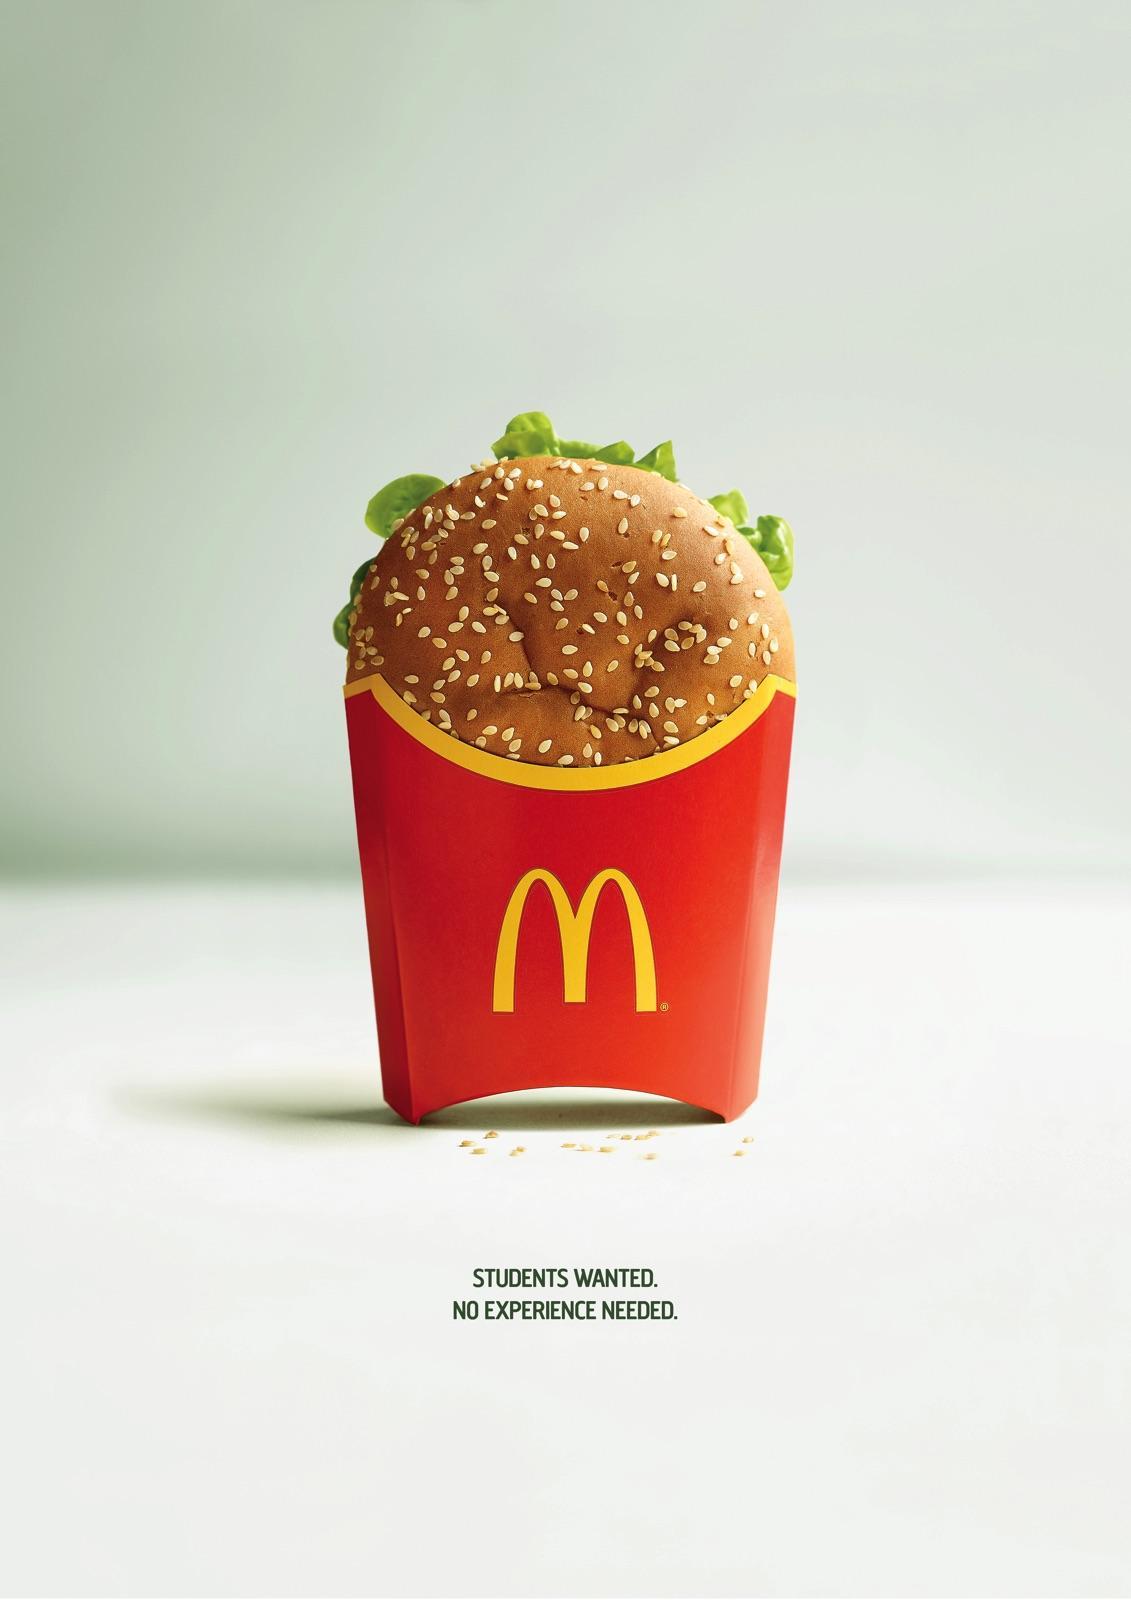 맥도날드 햄버거의 엉뚱한 실수